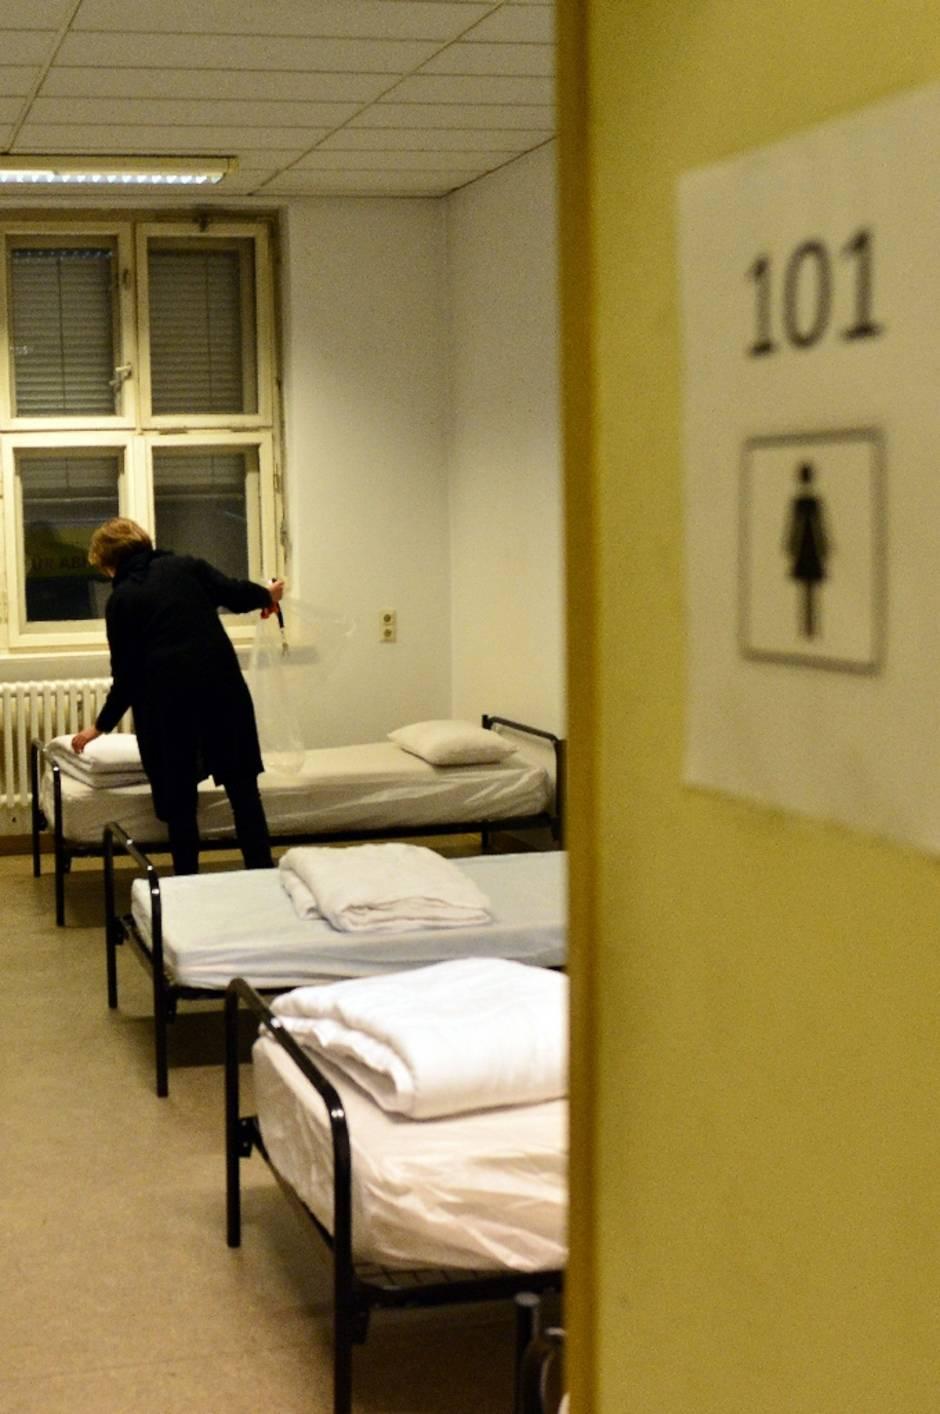 Full Size of Paradies Betten 100x200 Bock Amazon Breckle Hülsta Team 7 Jabo Für übergewichtige Rauch 180x200 Ausgefallene Bett Betten Berlin